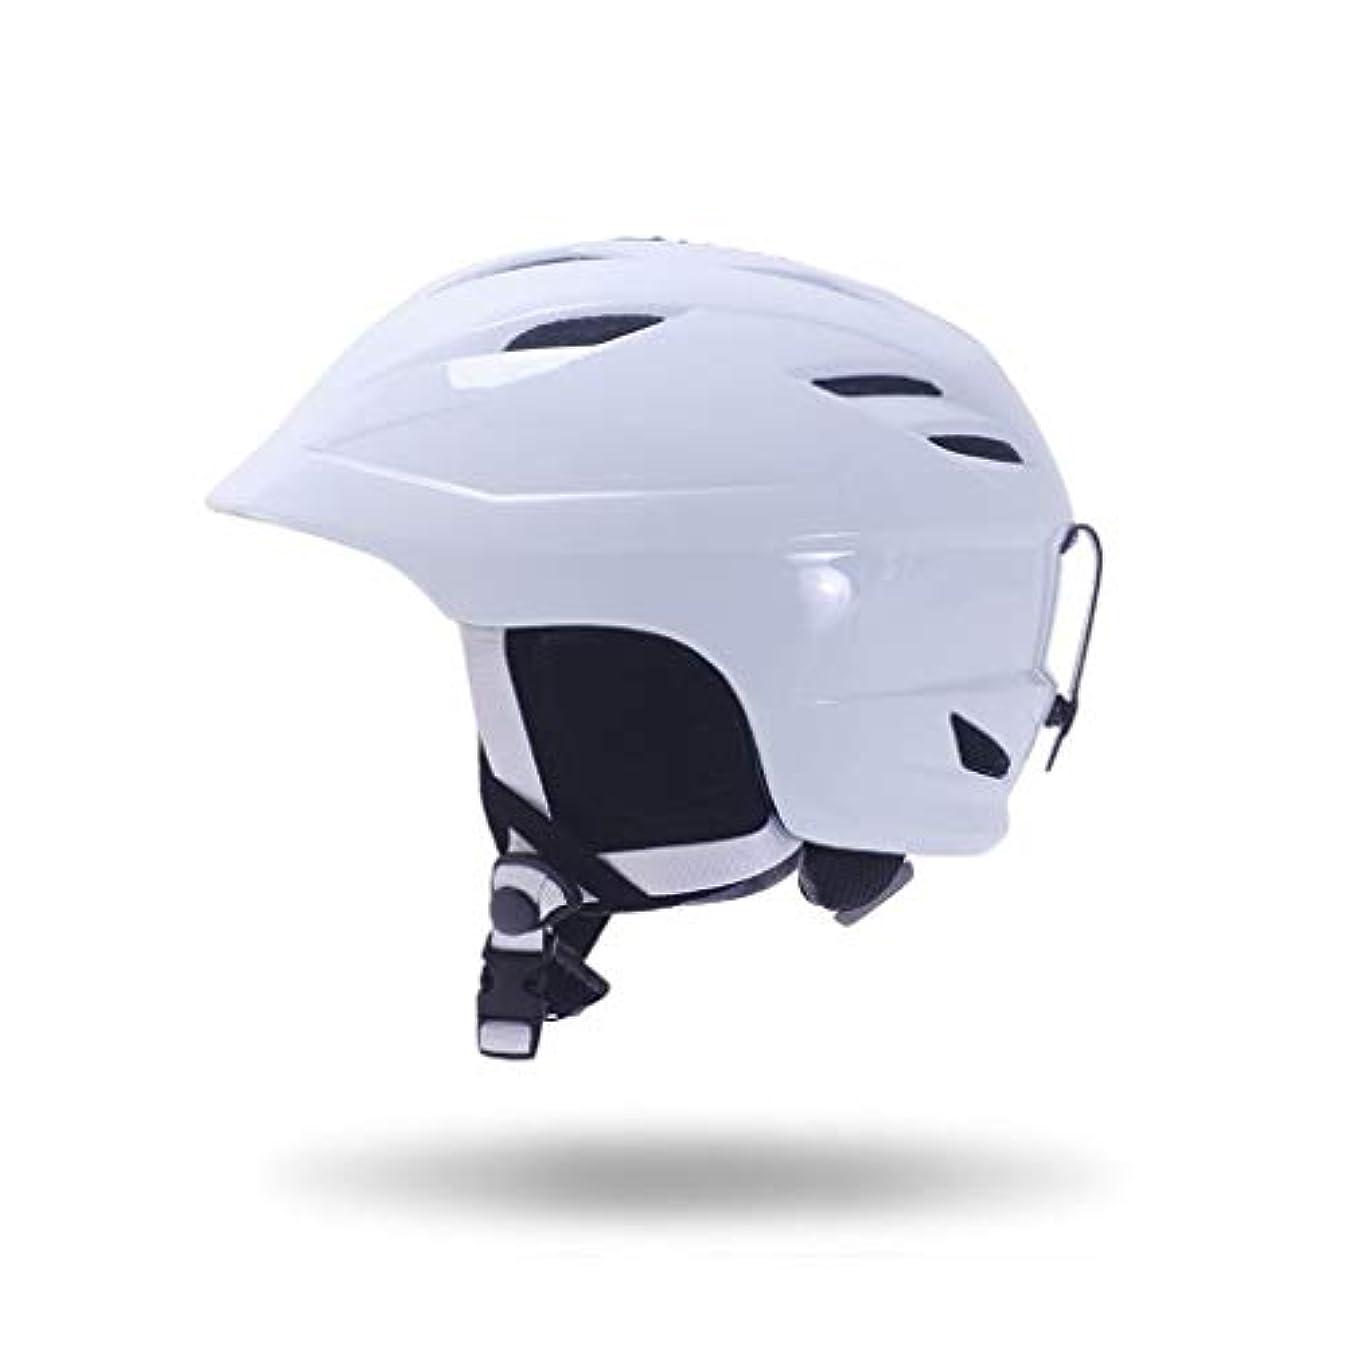 有名ばかげている避けるヘルメット スキー&スノーボード用ヘルメット、スキー用保護安全帽男性女性スケートボードスケート用ヘルメットシングルボードダブルボード調節可能F